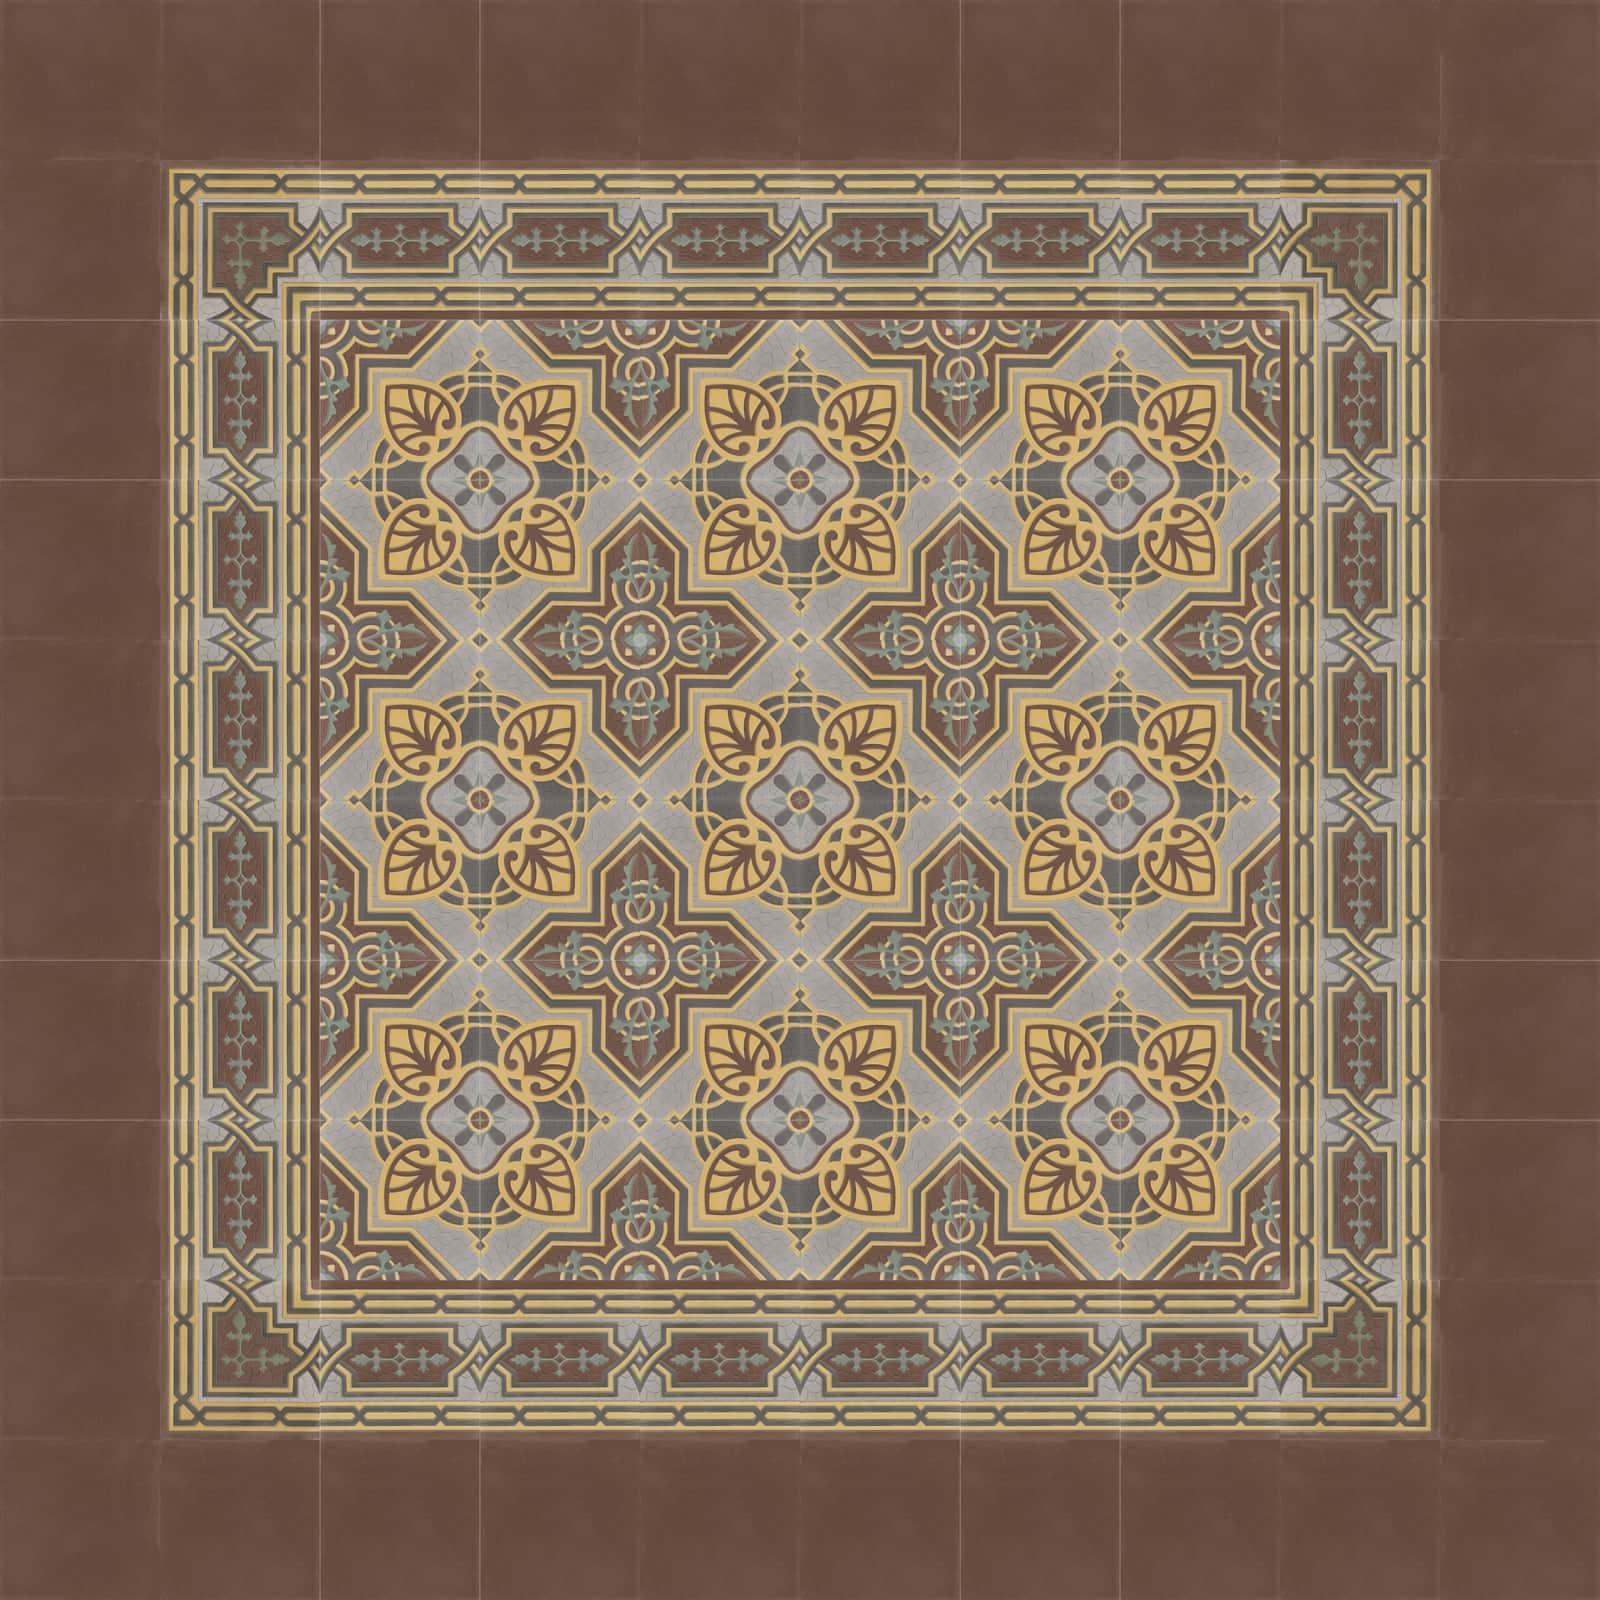 zementfliesen-terrazzofliesen-kreidefarbe-terrazzo-fugenlos-viaplatten-41071-verlegemuster-72 | 41071